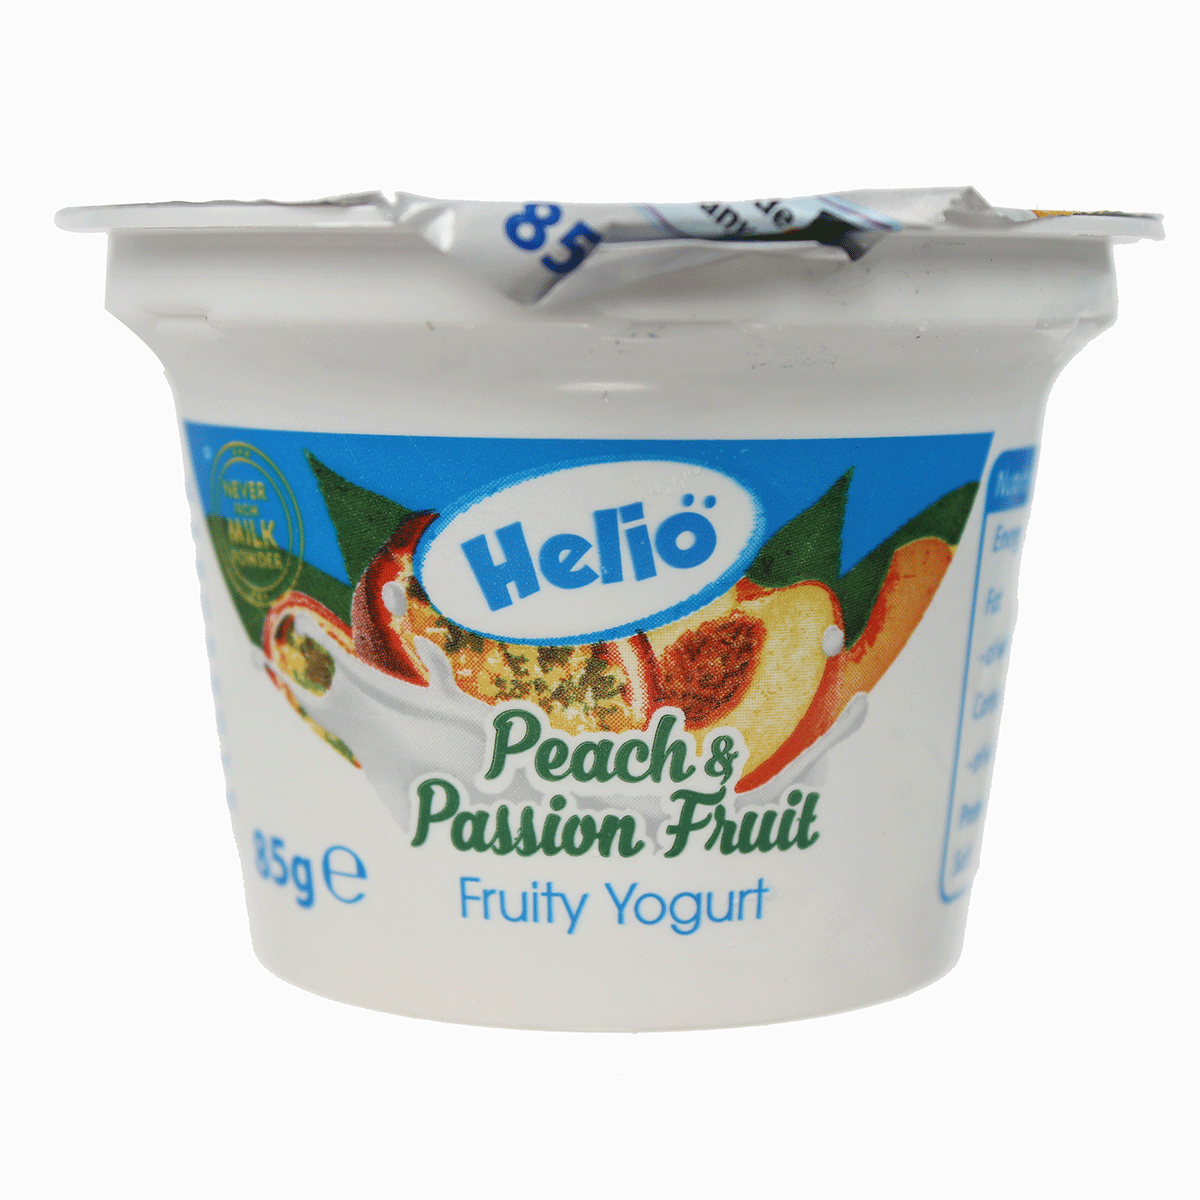 Sữa chua Helio vị đào chanh leo hũ 85g cho bé trên 6 tháng tuổi